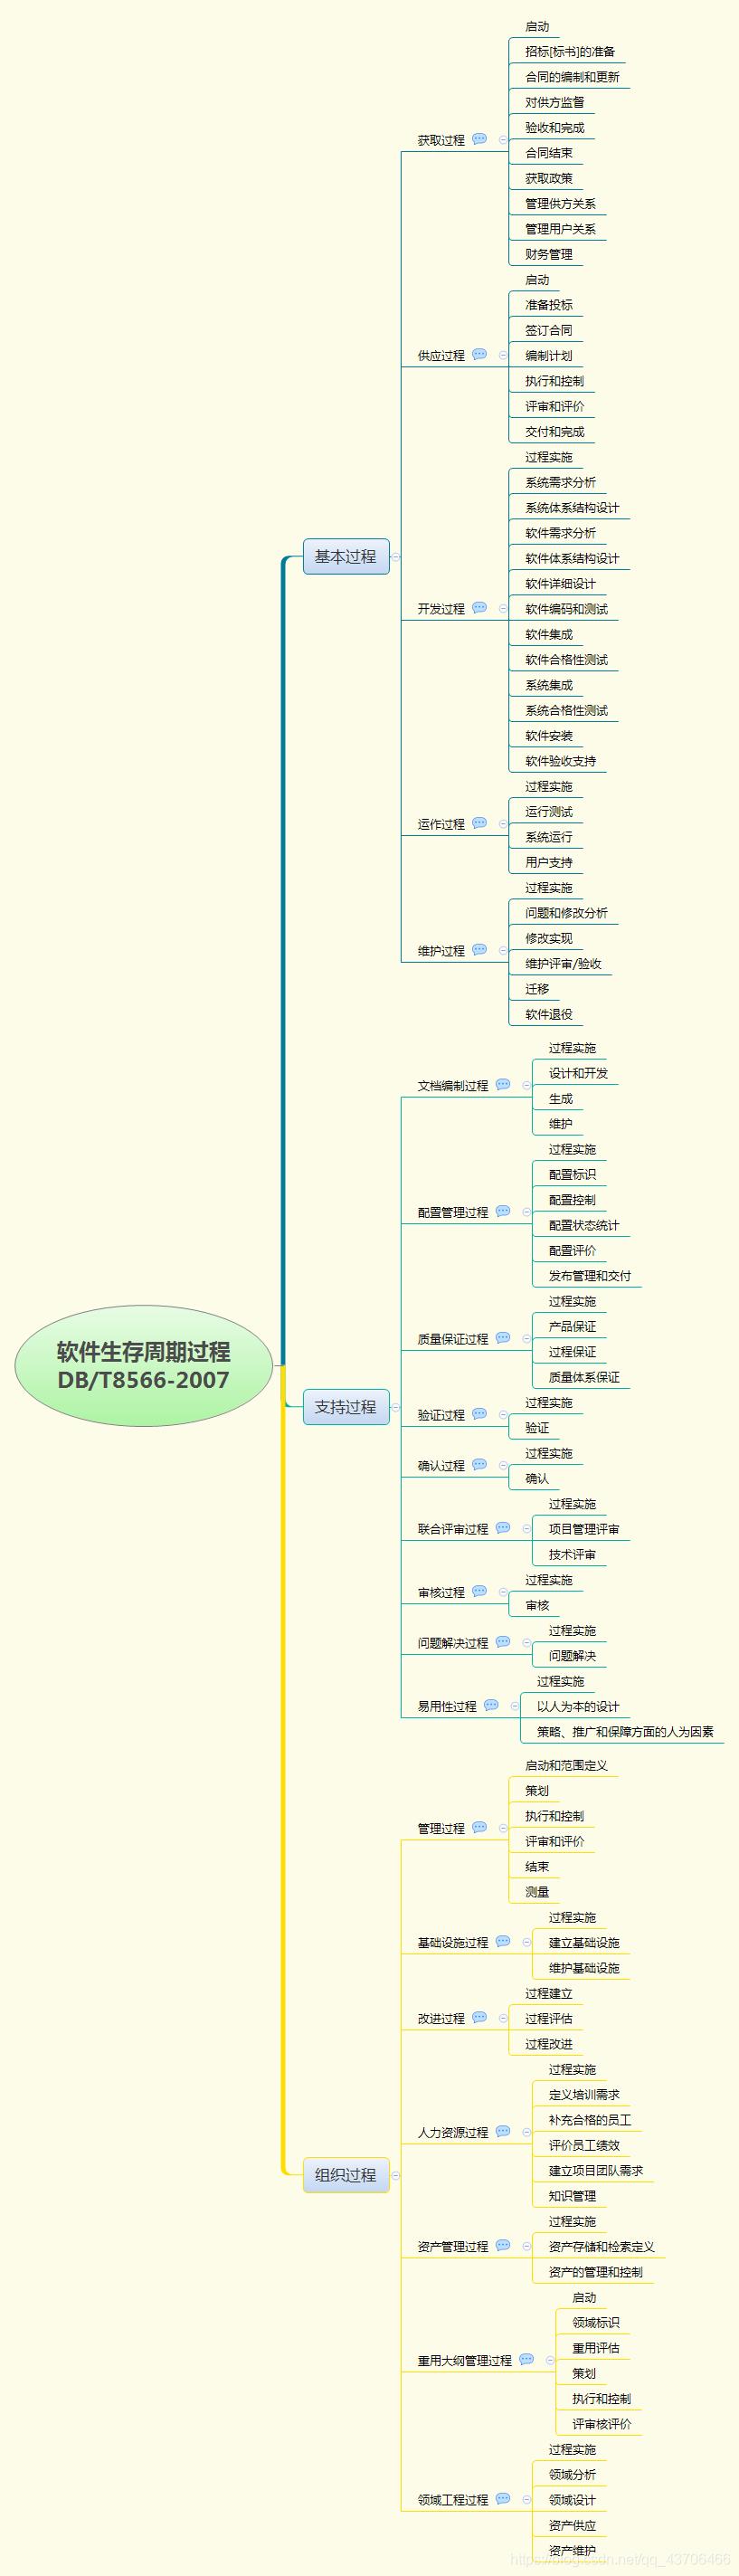 《软件生存周期过程GB/T8566-2007》